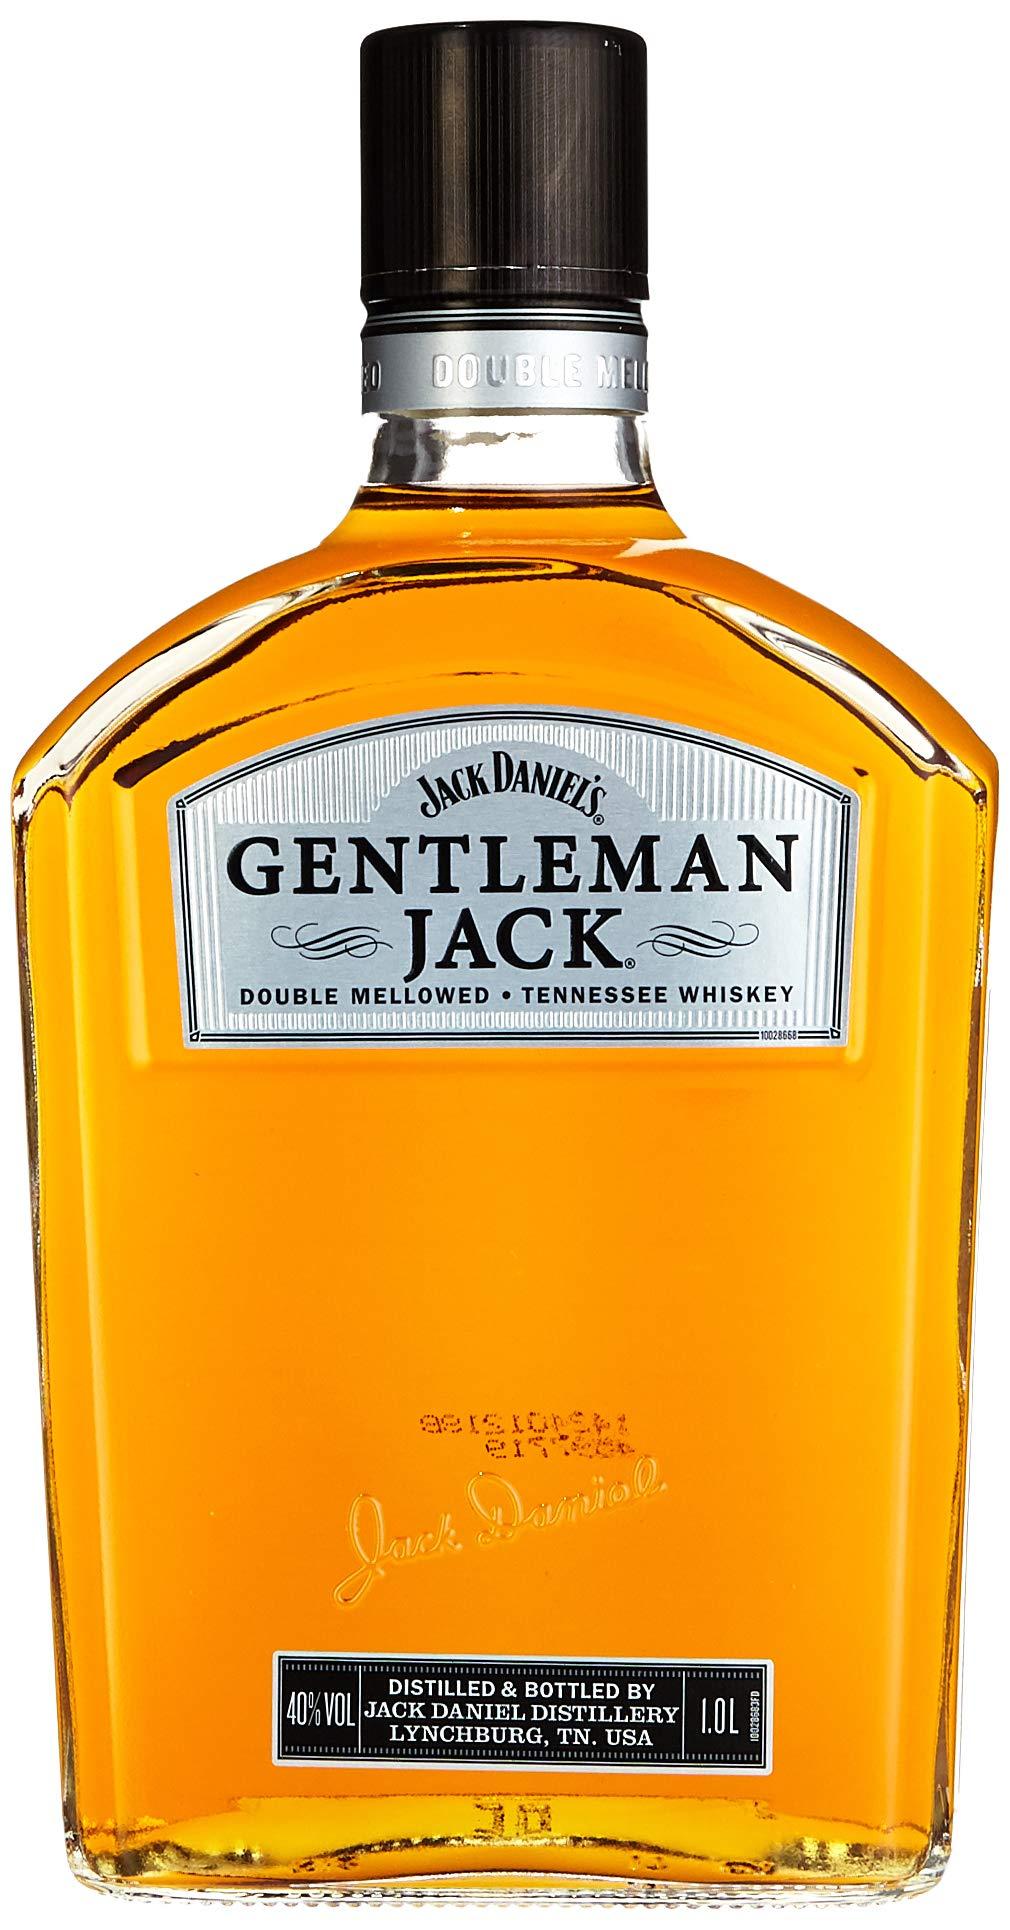 Gentleman-Jack-Tennessee-Whiskey-10-liter